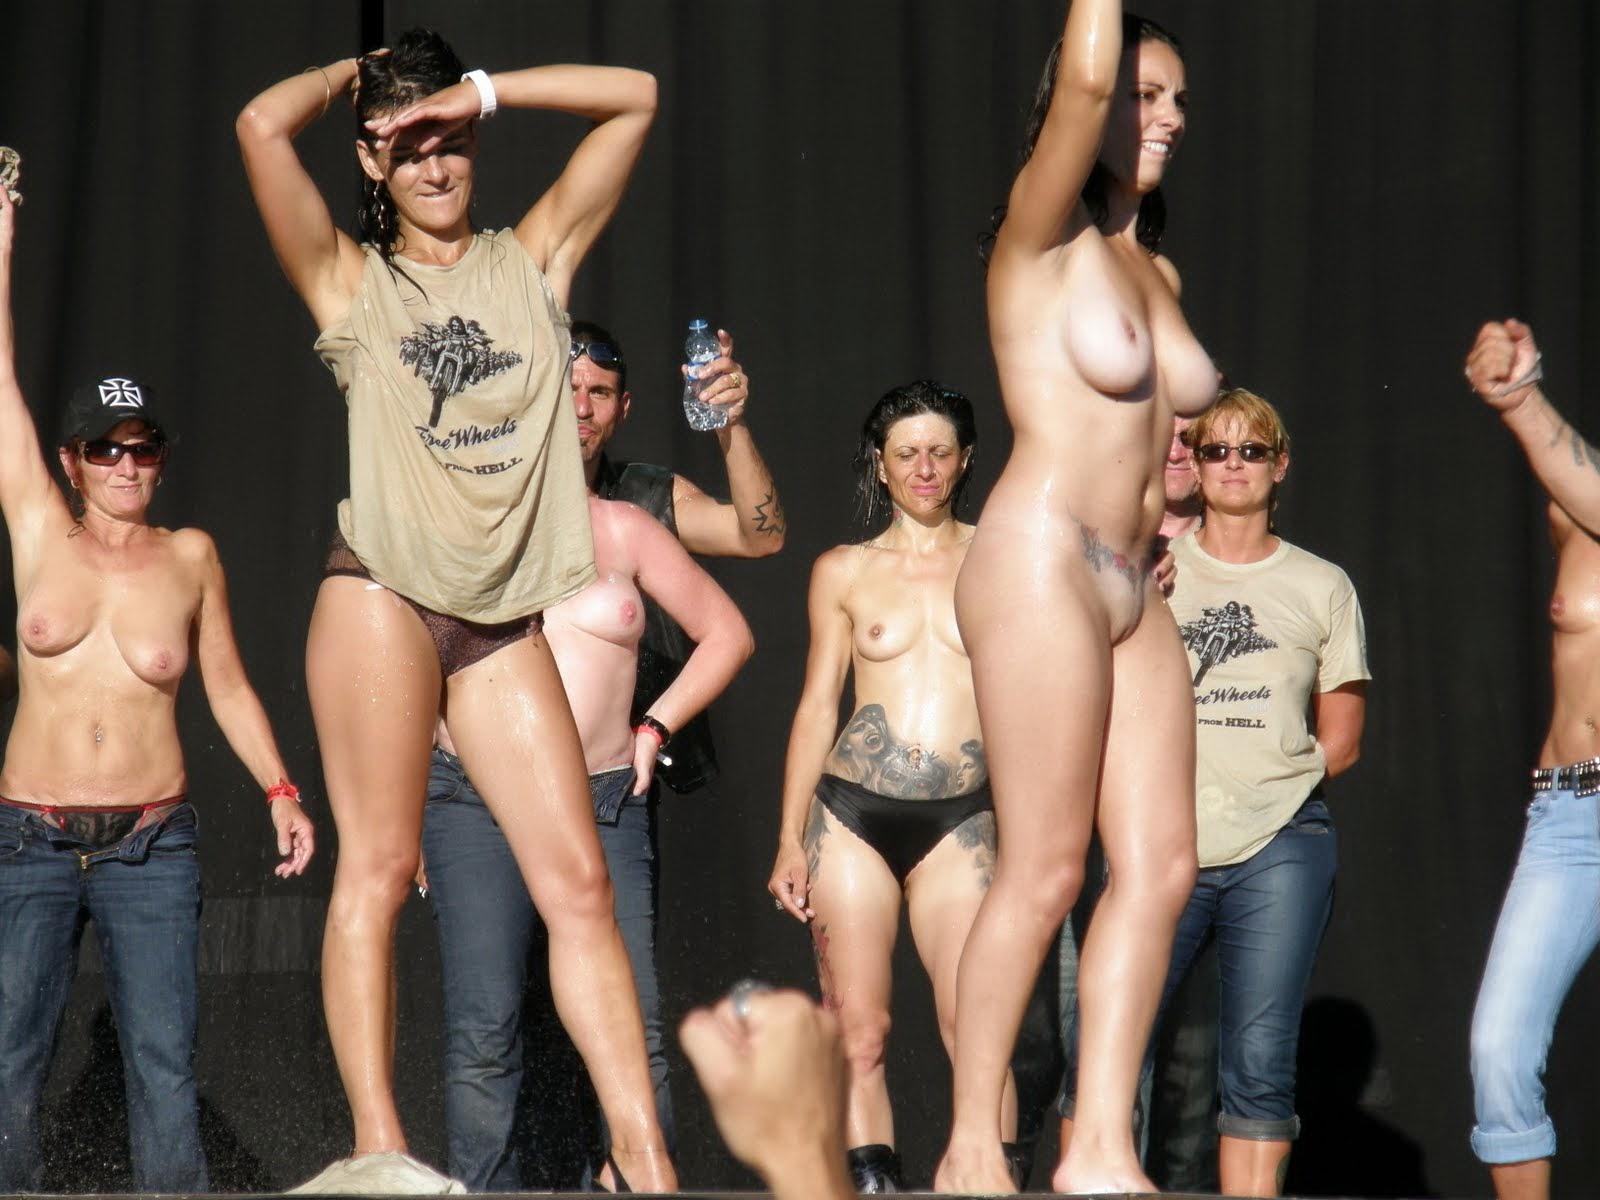 прибором голые девушки на выступлении онлайн видео подделал свой